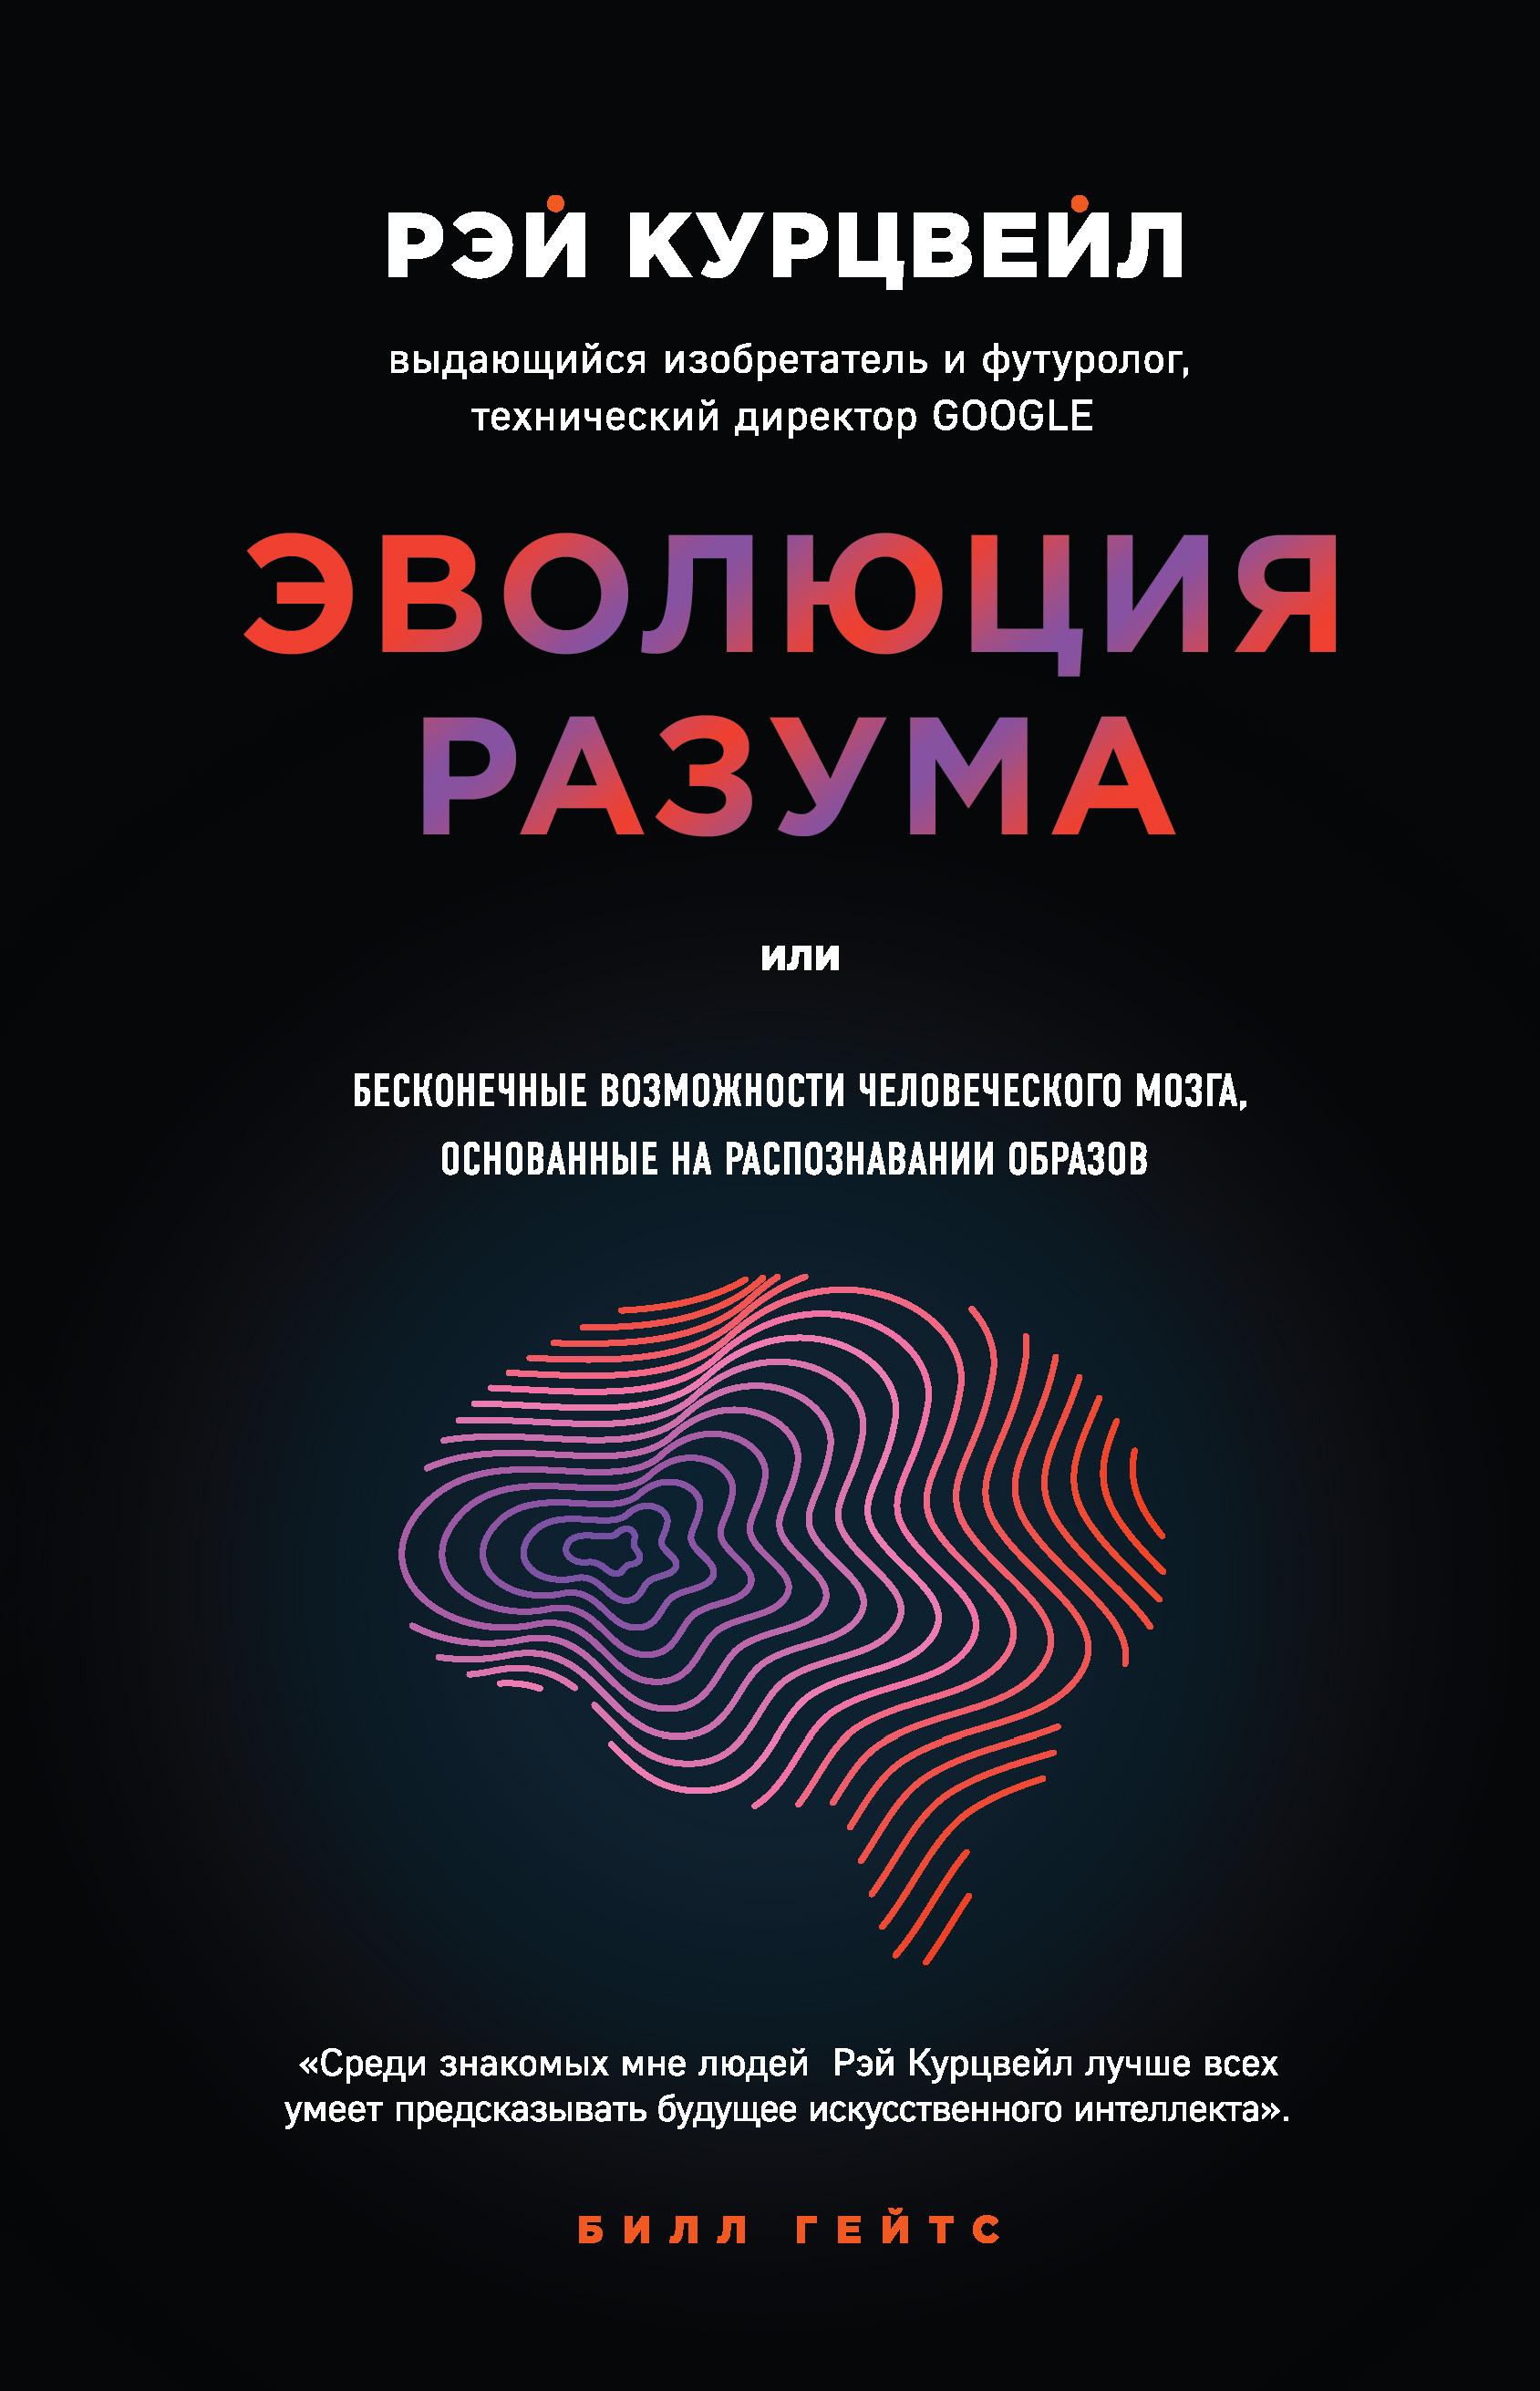 Рэй Курцвейл «Эволюция разума, или Бесконечные возможности человеческого мозга, основанные на распознавании образов»